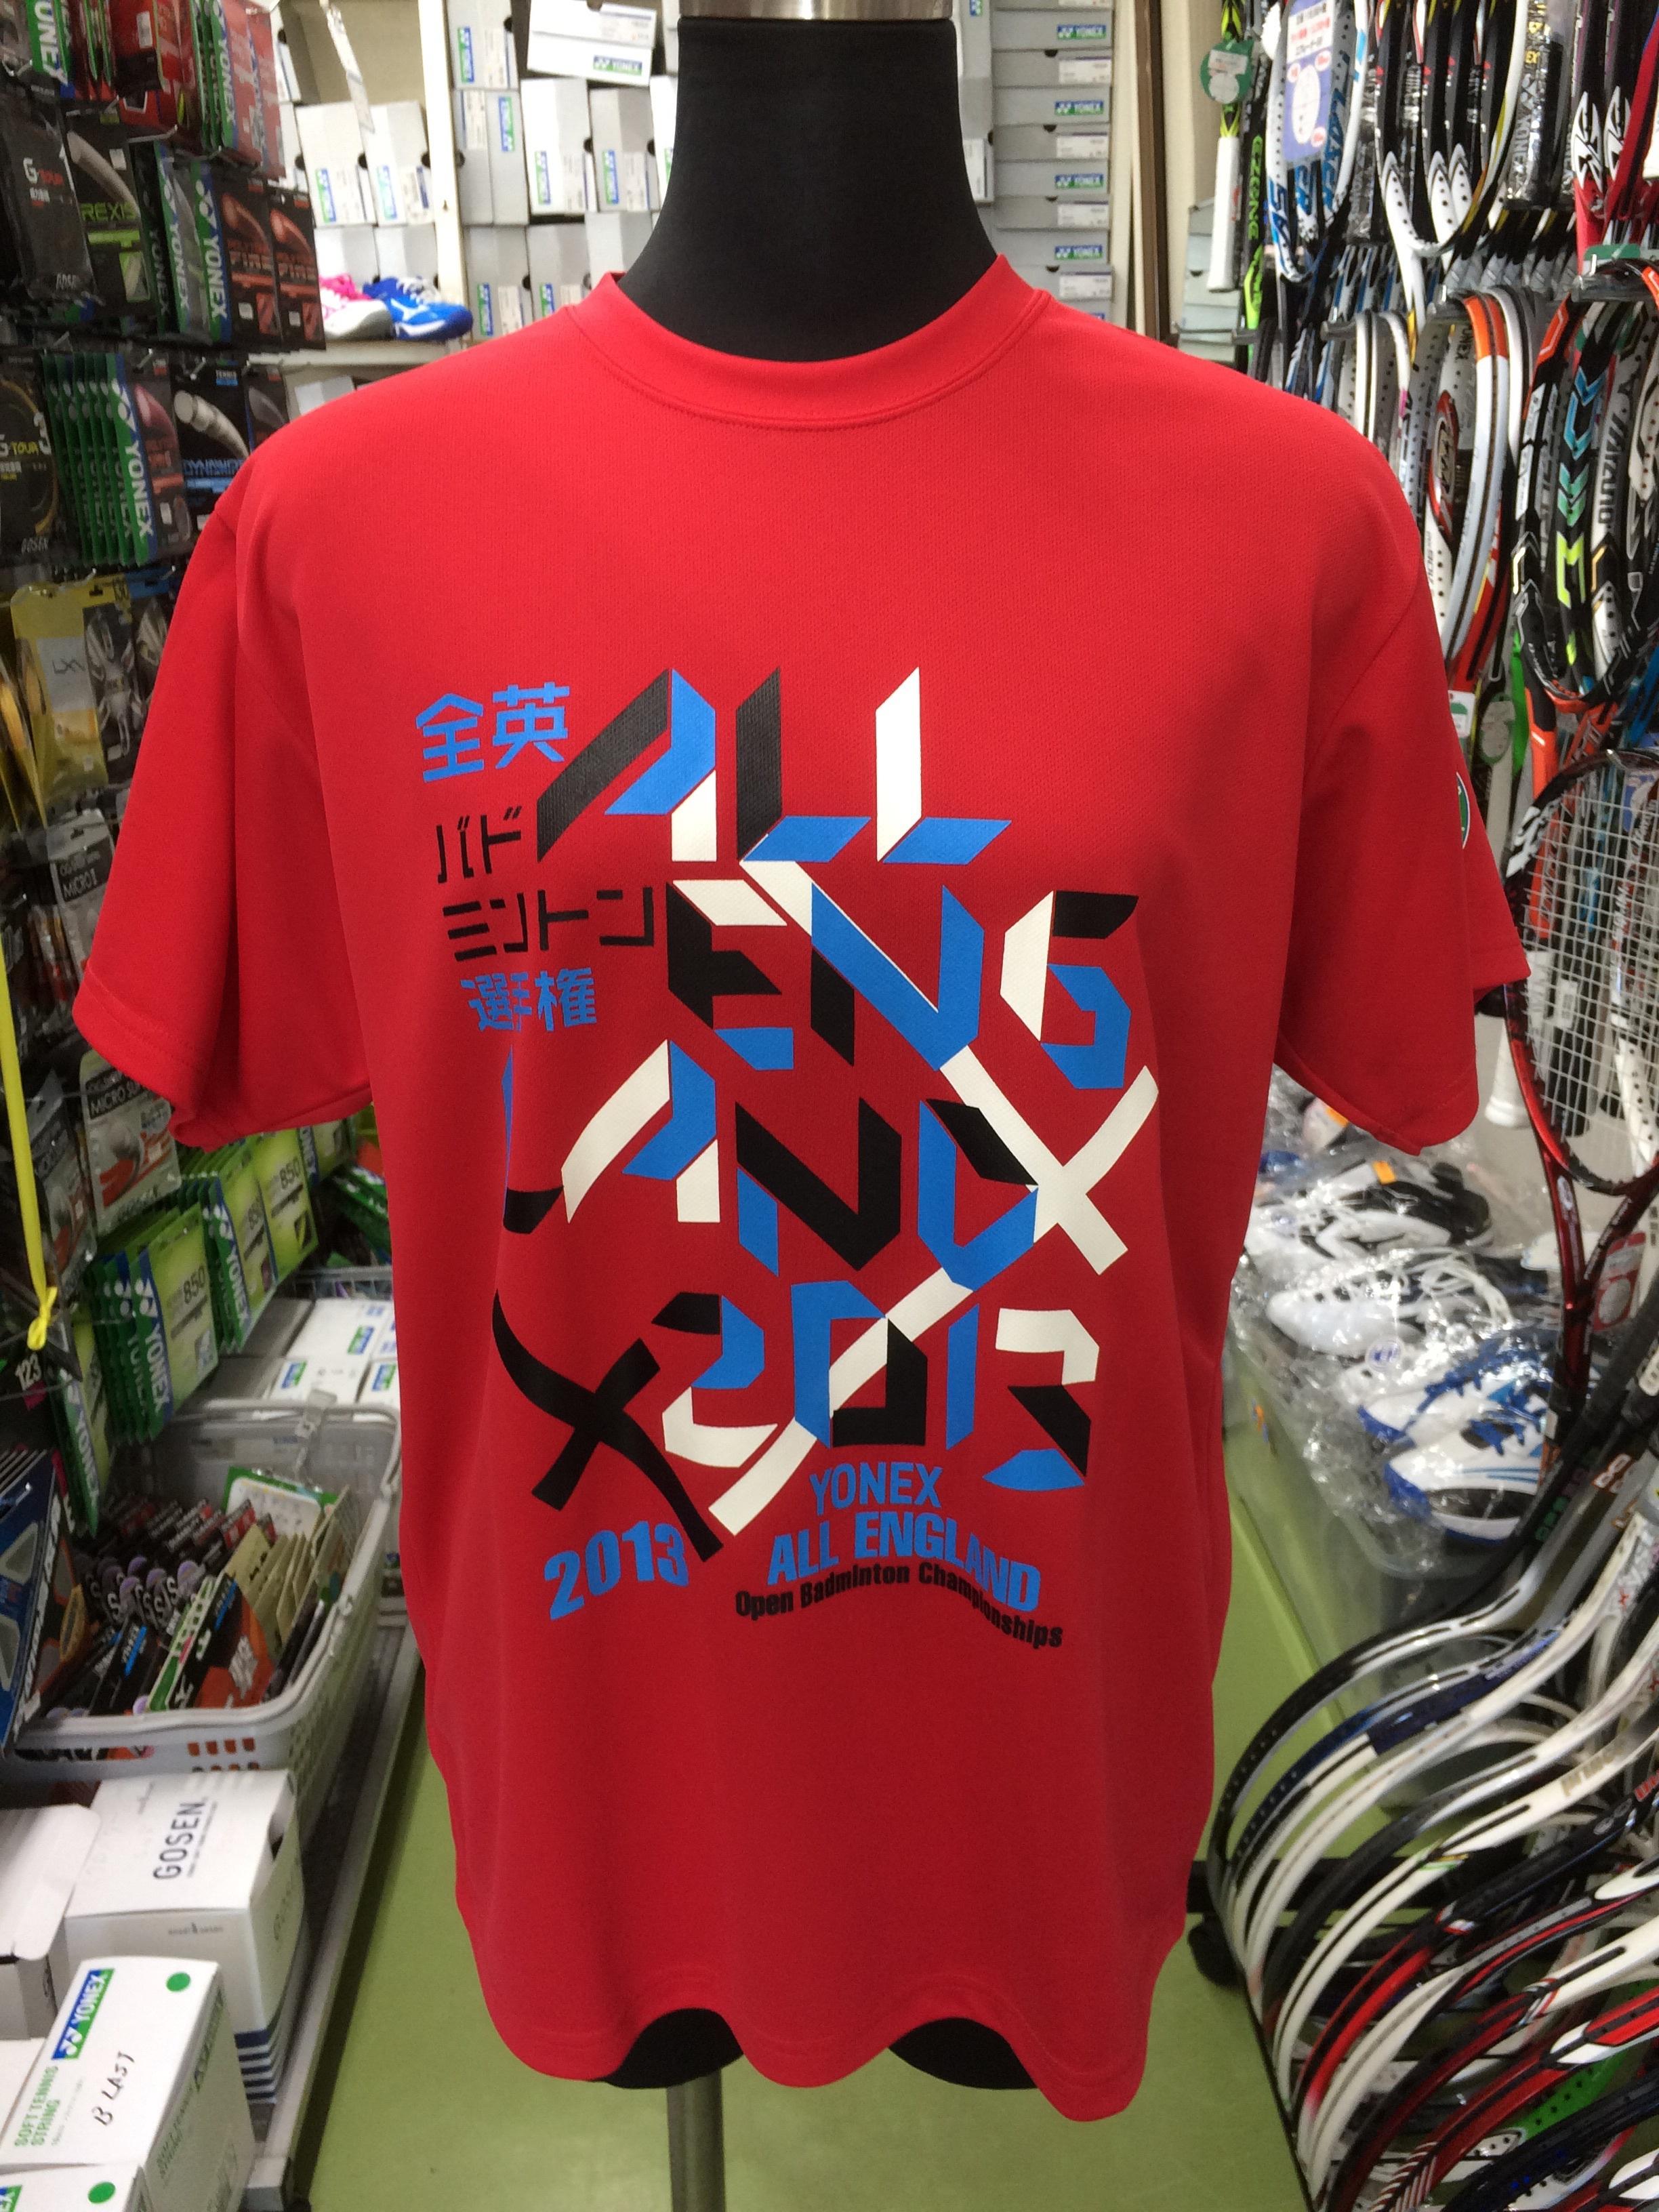 ヨネックス ユニドライTシャツ YOB13010 - 画像4